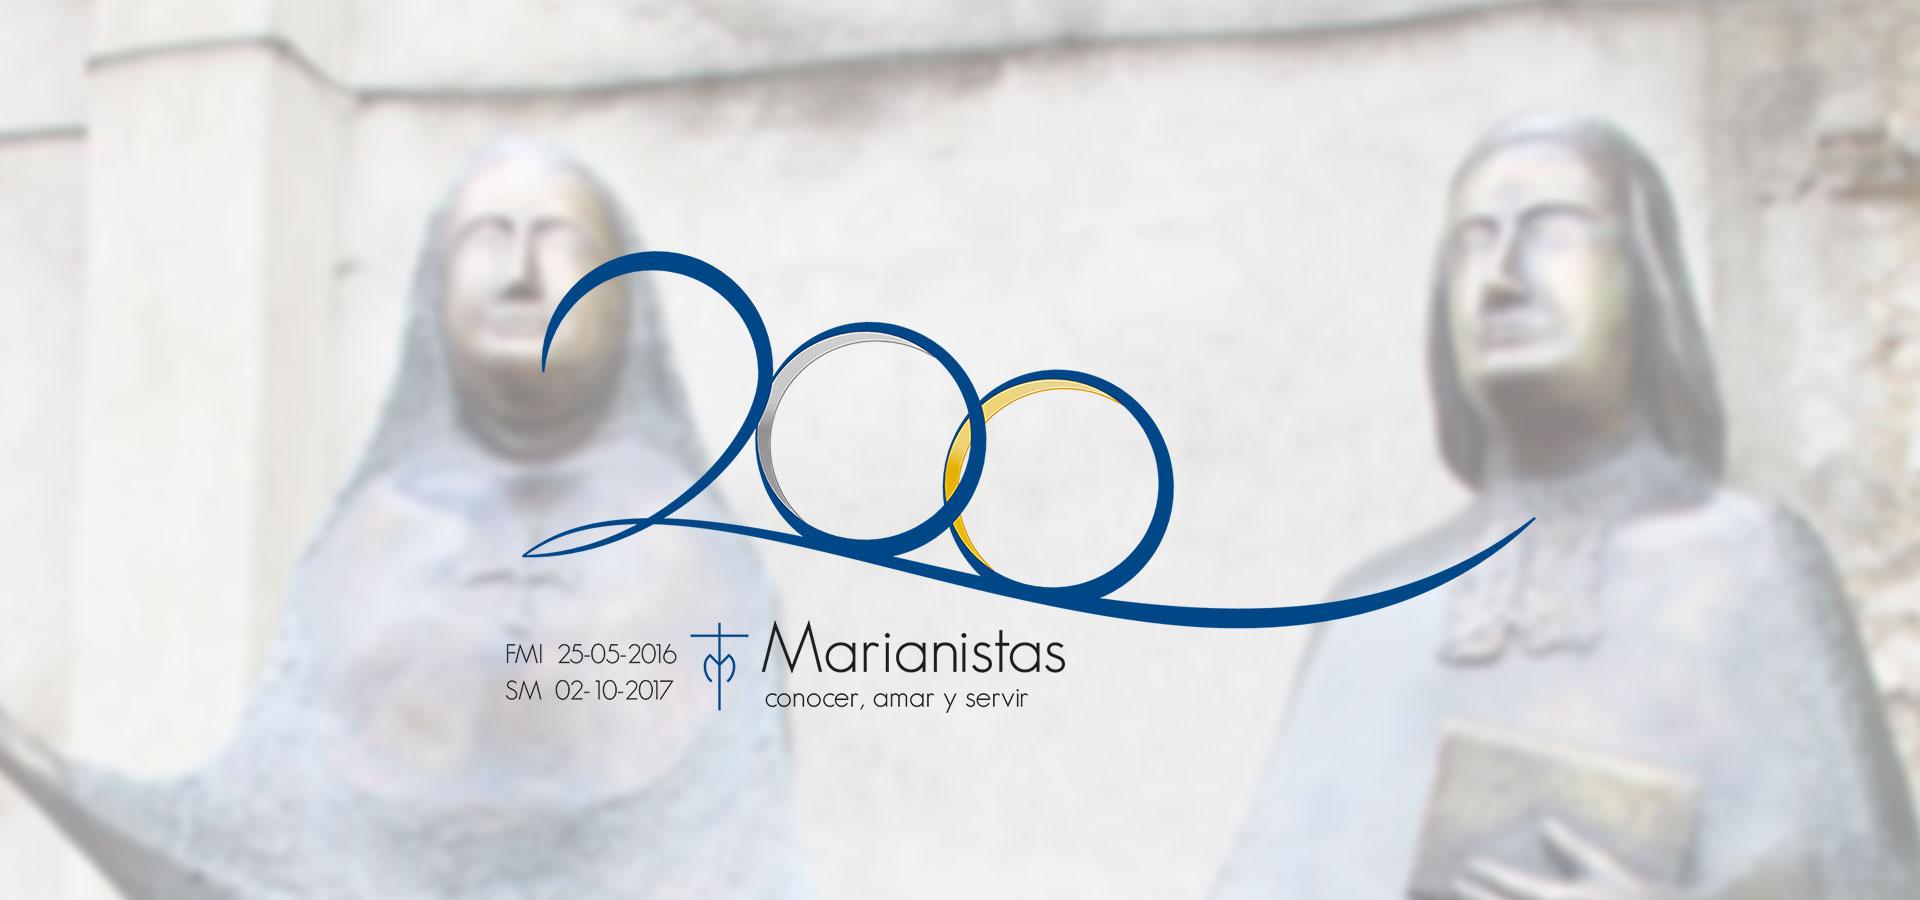 bicentenario marianista